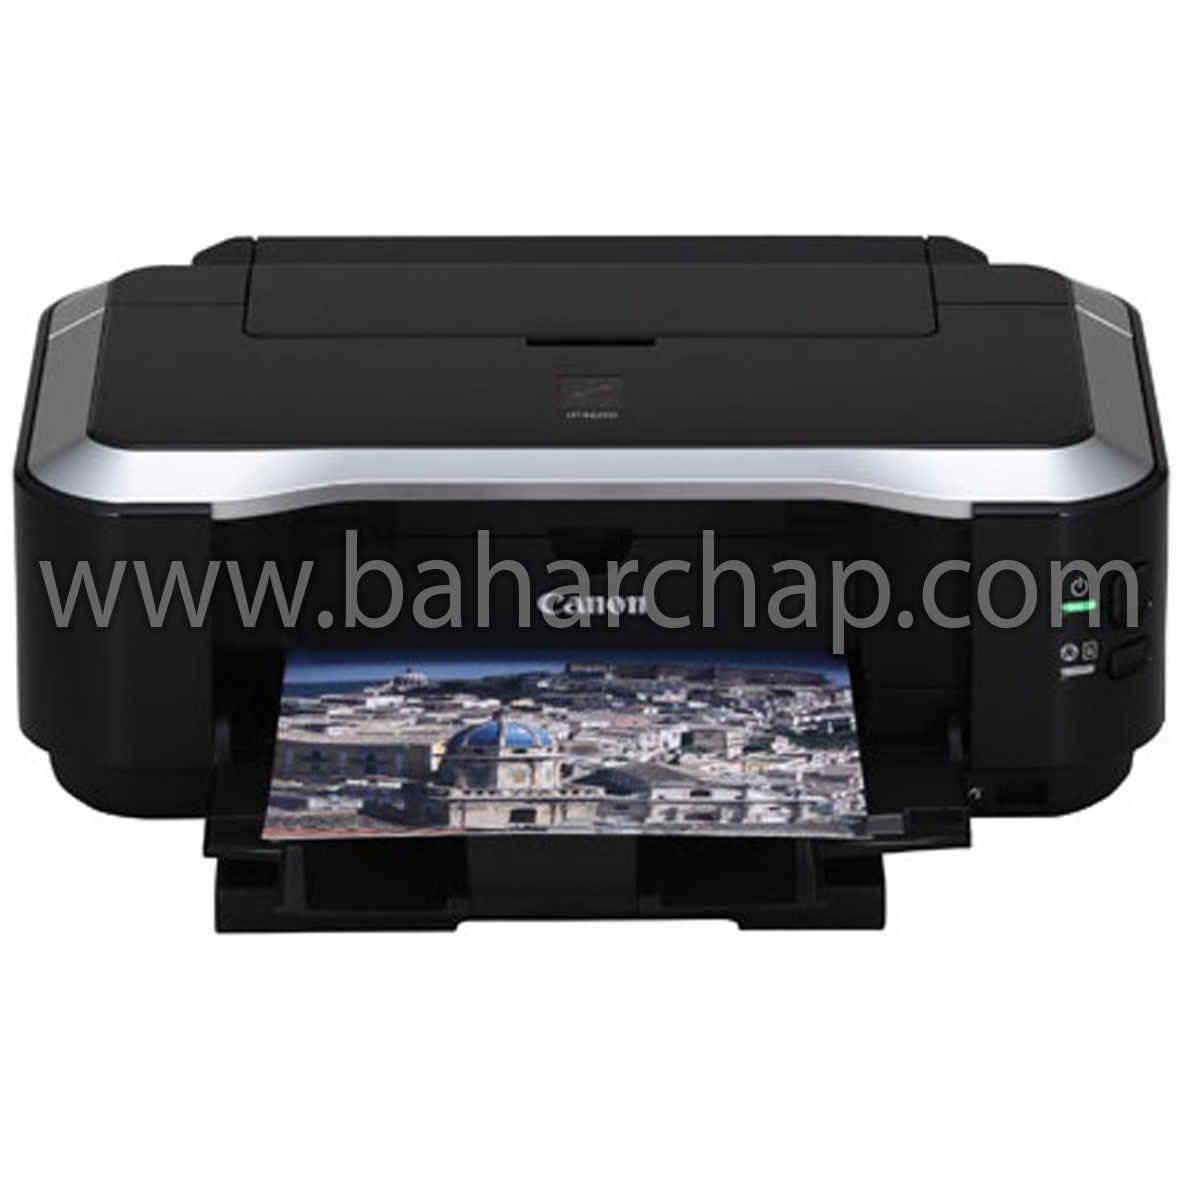 فروشگاه و خدمات اینترنتی بهارچاپ اصفهان-دانلود نرم افزار ریست پرینتر Canon IP5880-Reset canon by ST4905